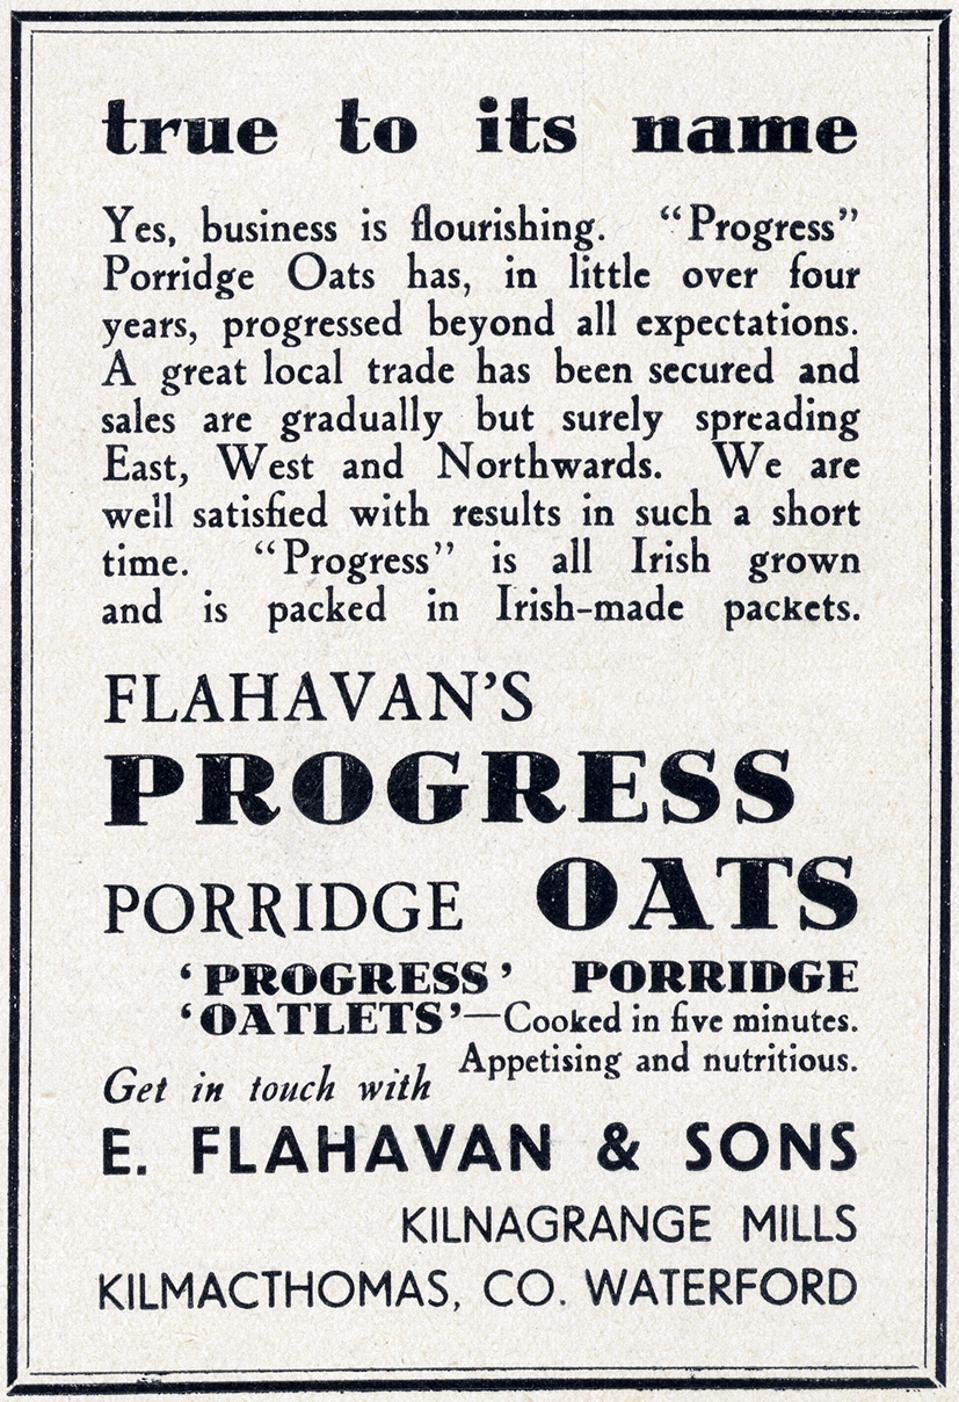 A Flahavan's advertisement from 1939